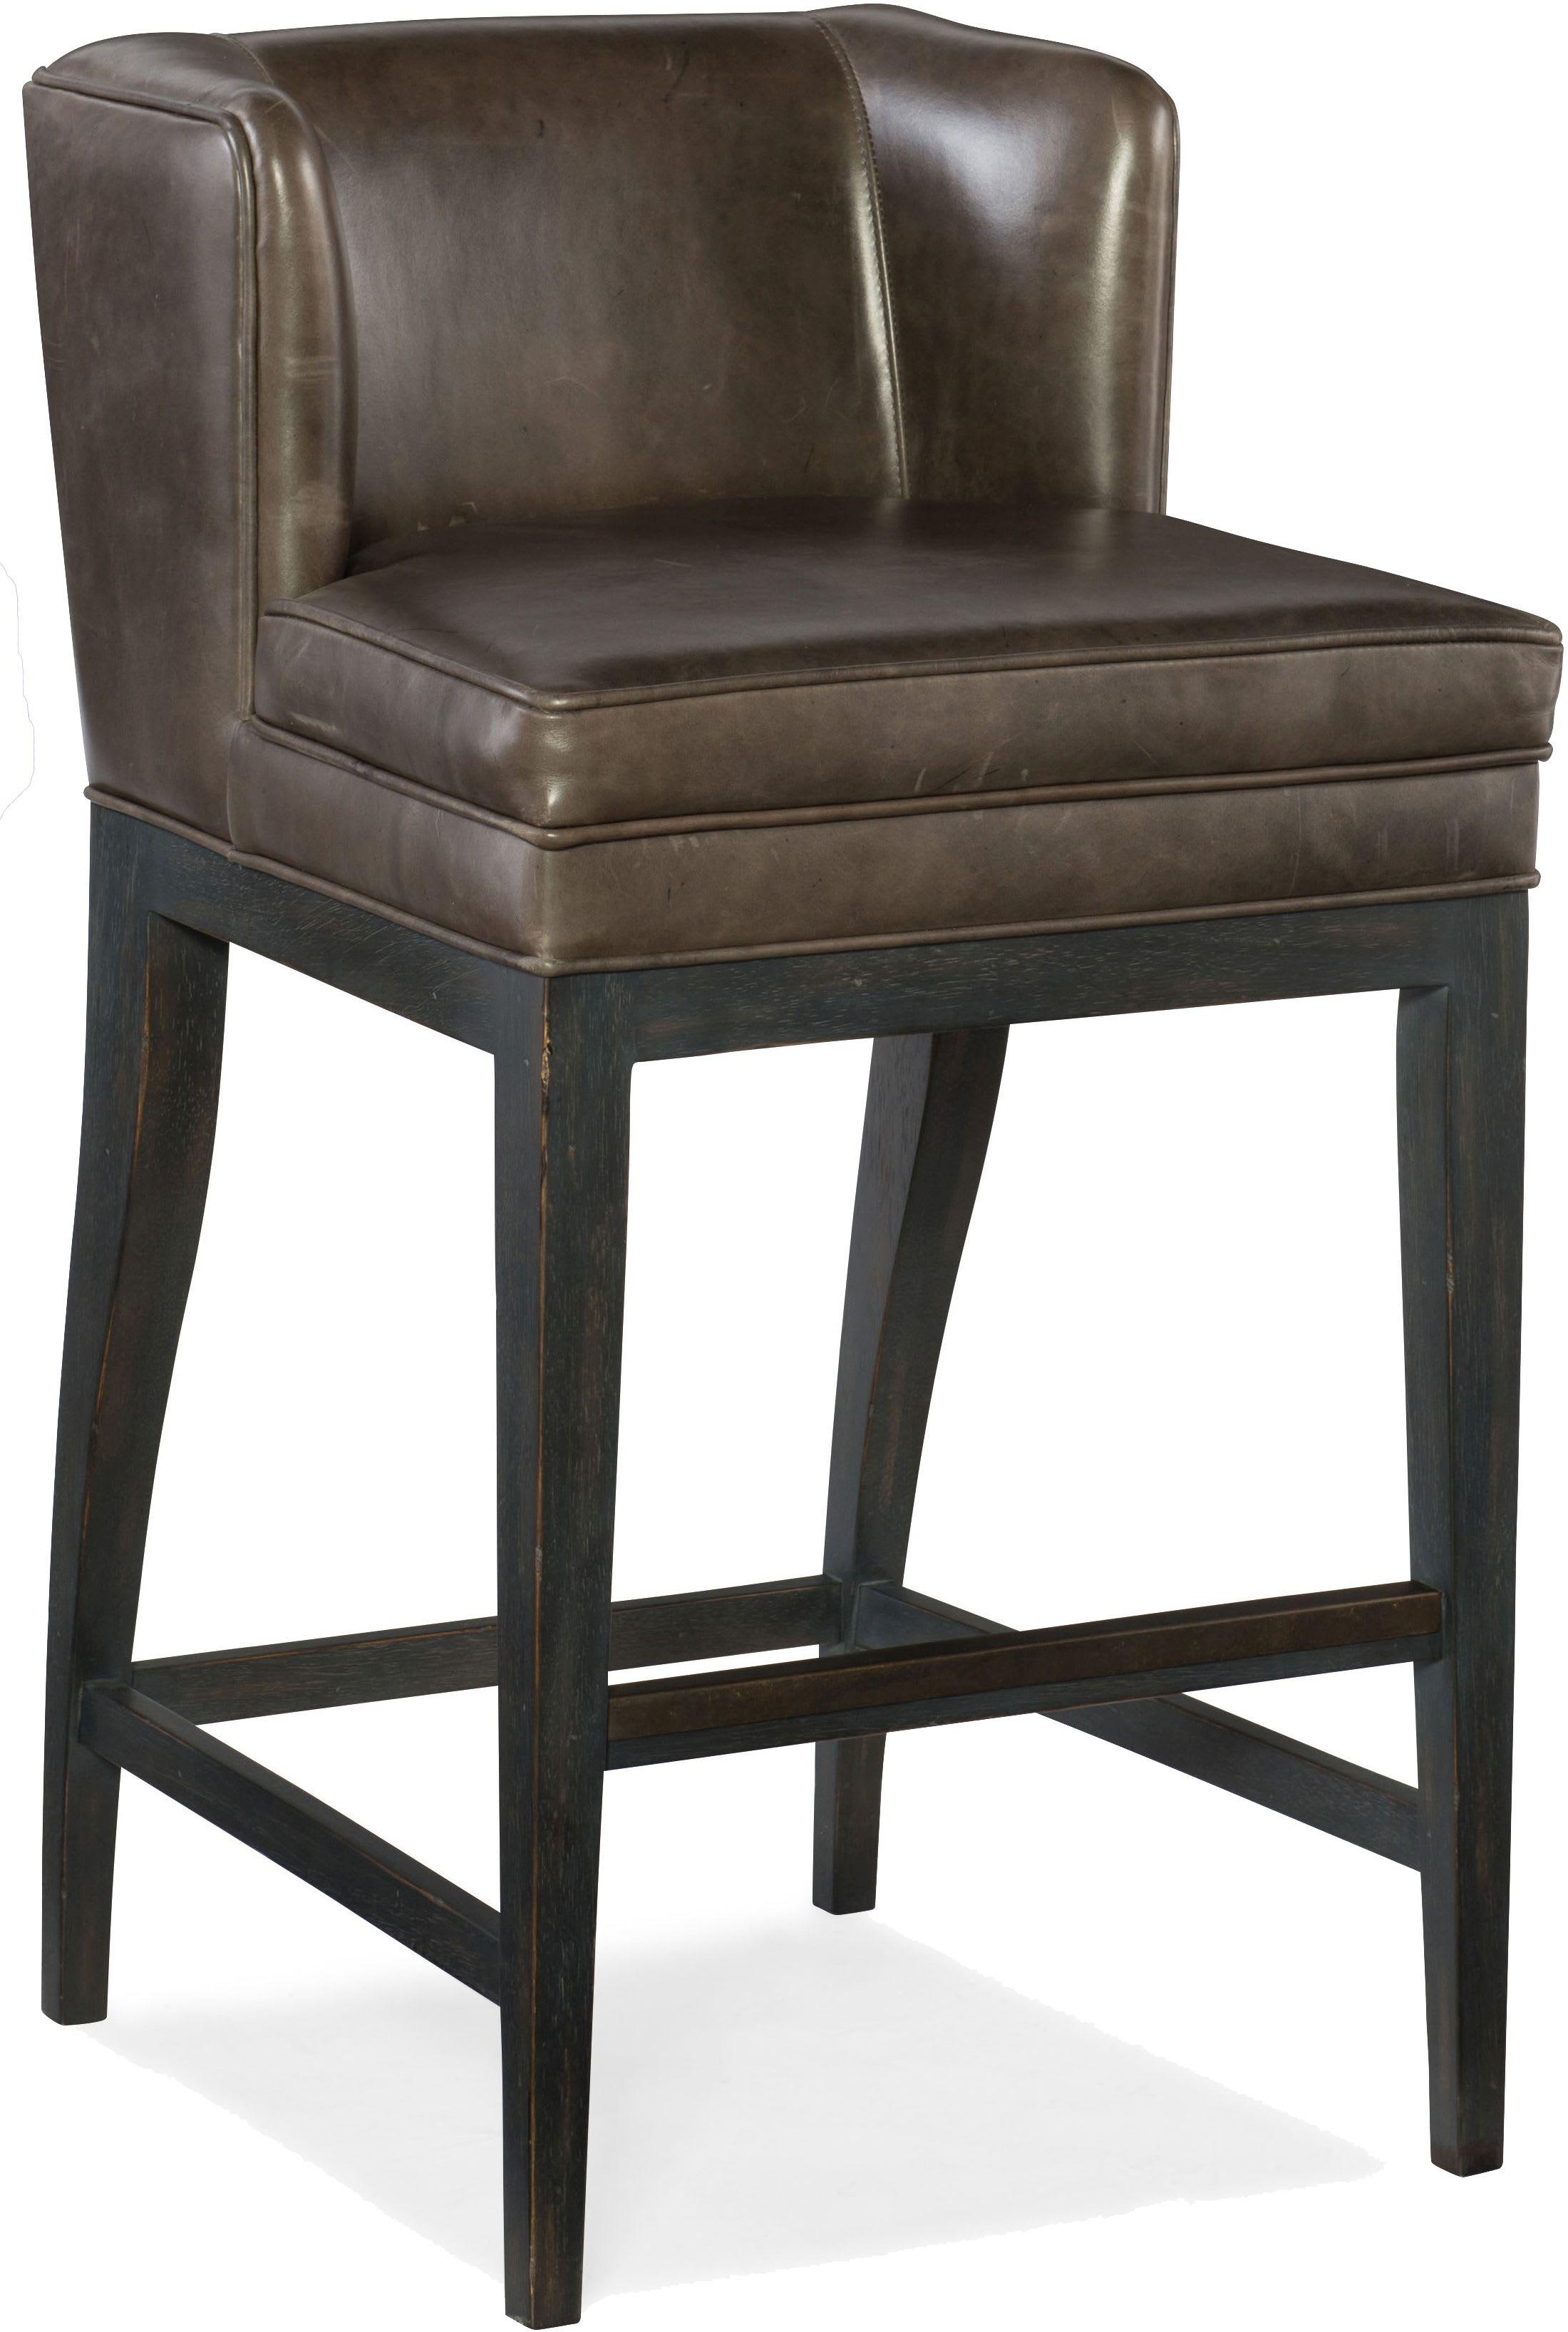 Hooker Furniture Stools Indoor Furniture 300 20057